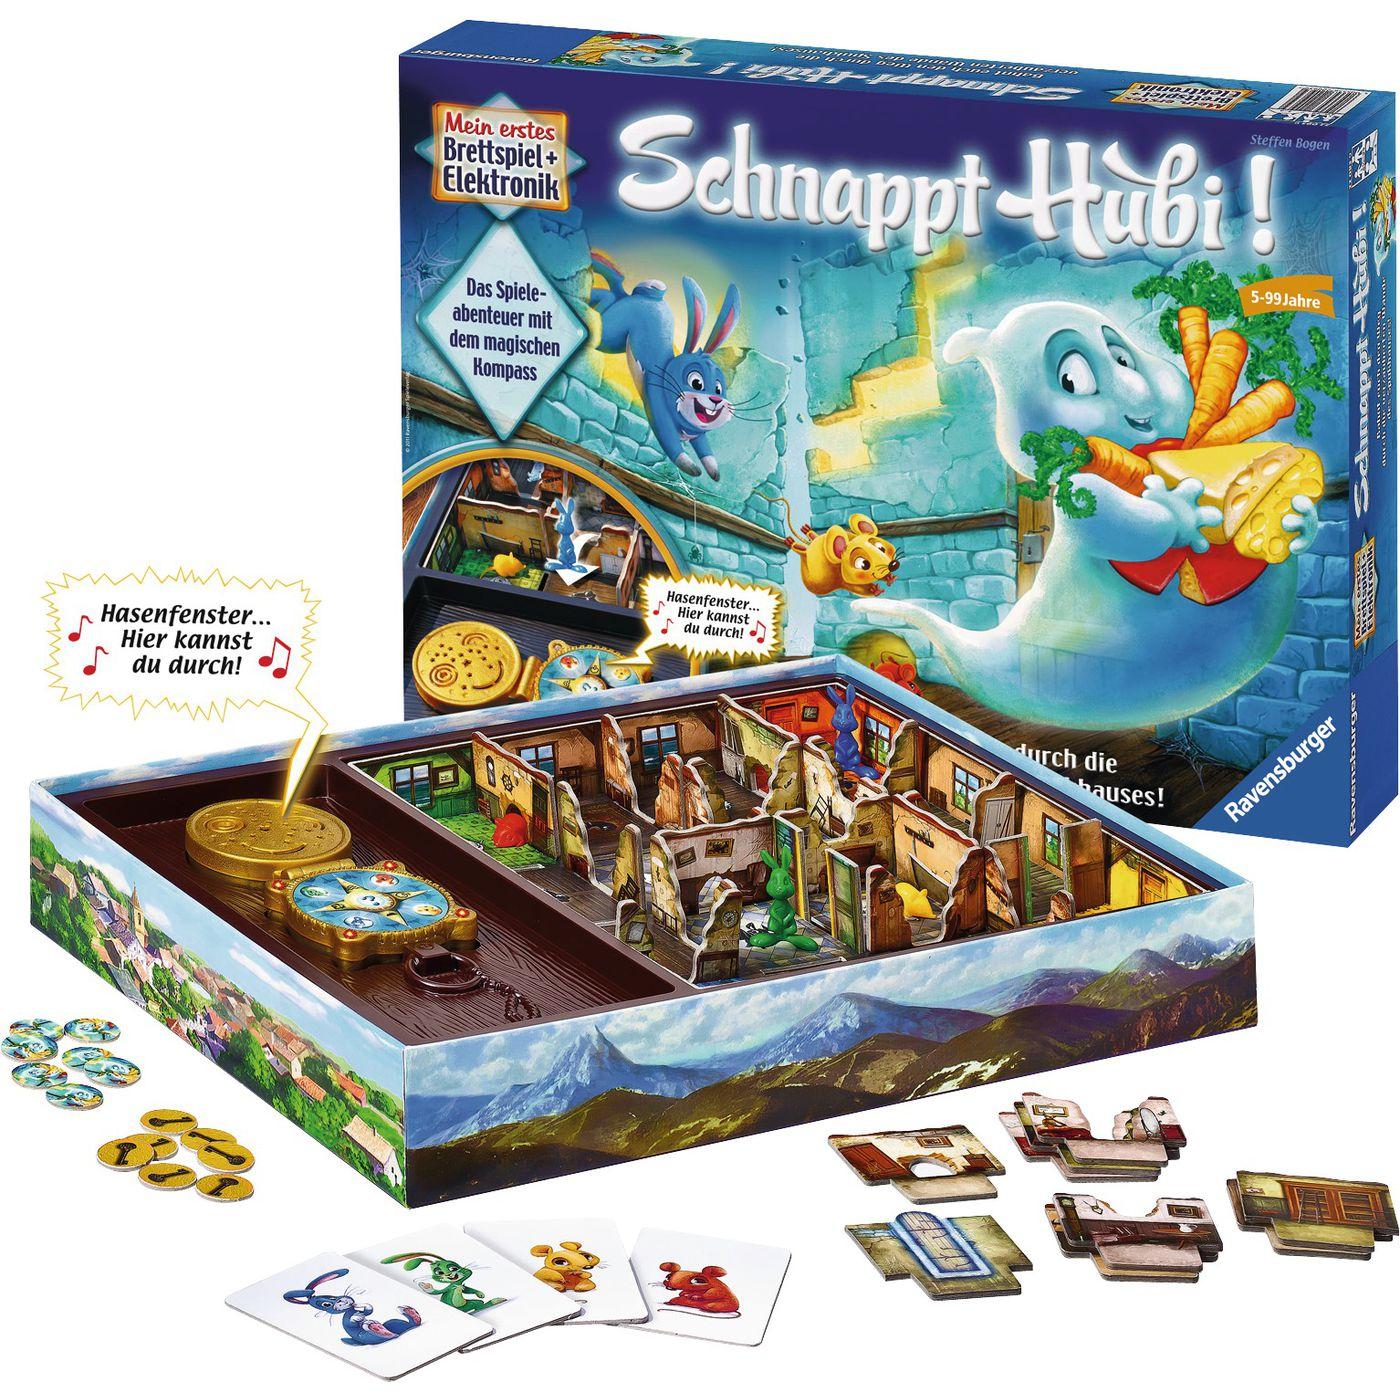 Ravensburger Schnappt Hubi! Kinderspiel des Jahres 2012